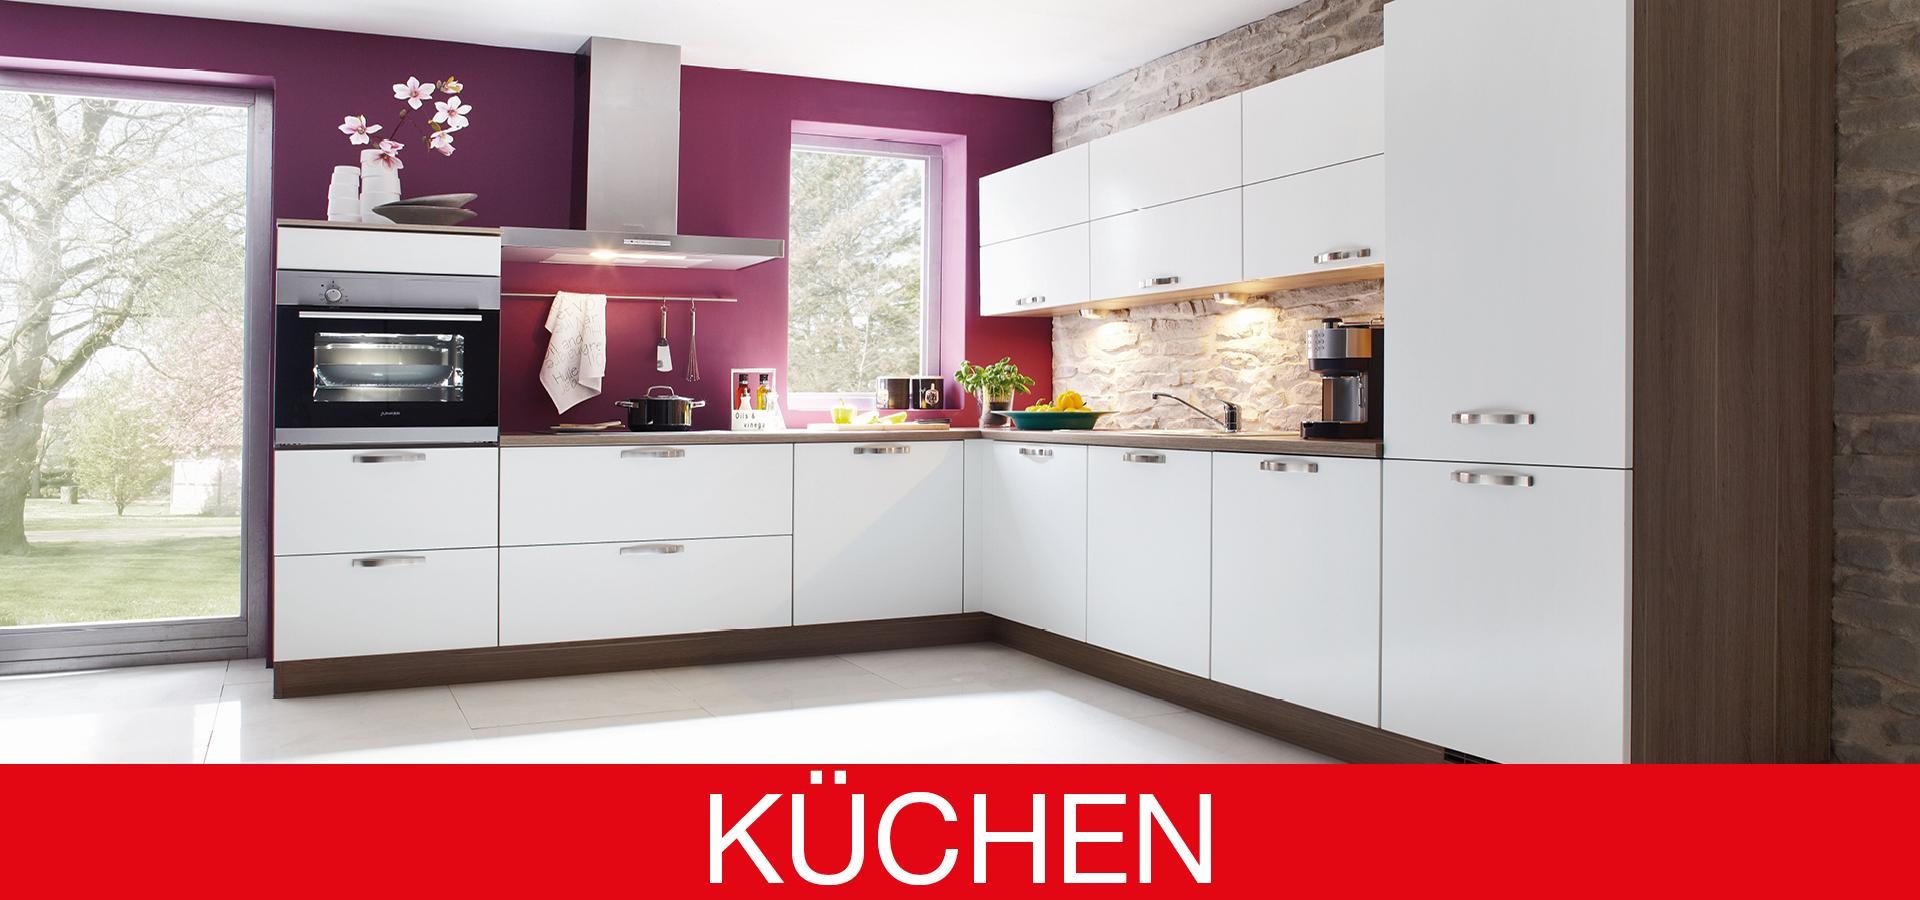 Full Size of Küche Mit Elektrogeräten Günstig Küche Mit Elektrogeräten Unter 500 Euro Küche Mit Elektrogeräten Geschirrspüler Küche Mit Elektrogeräten Obi Küche Eckküche Mit Elektrogeräten